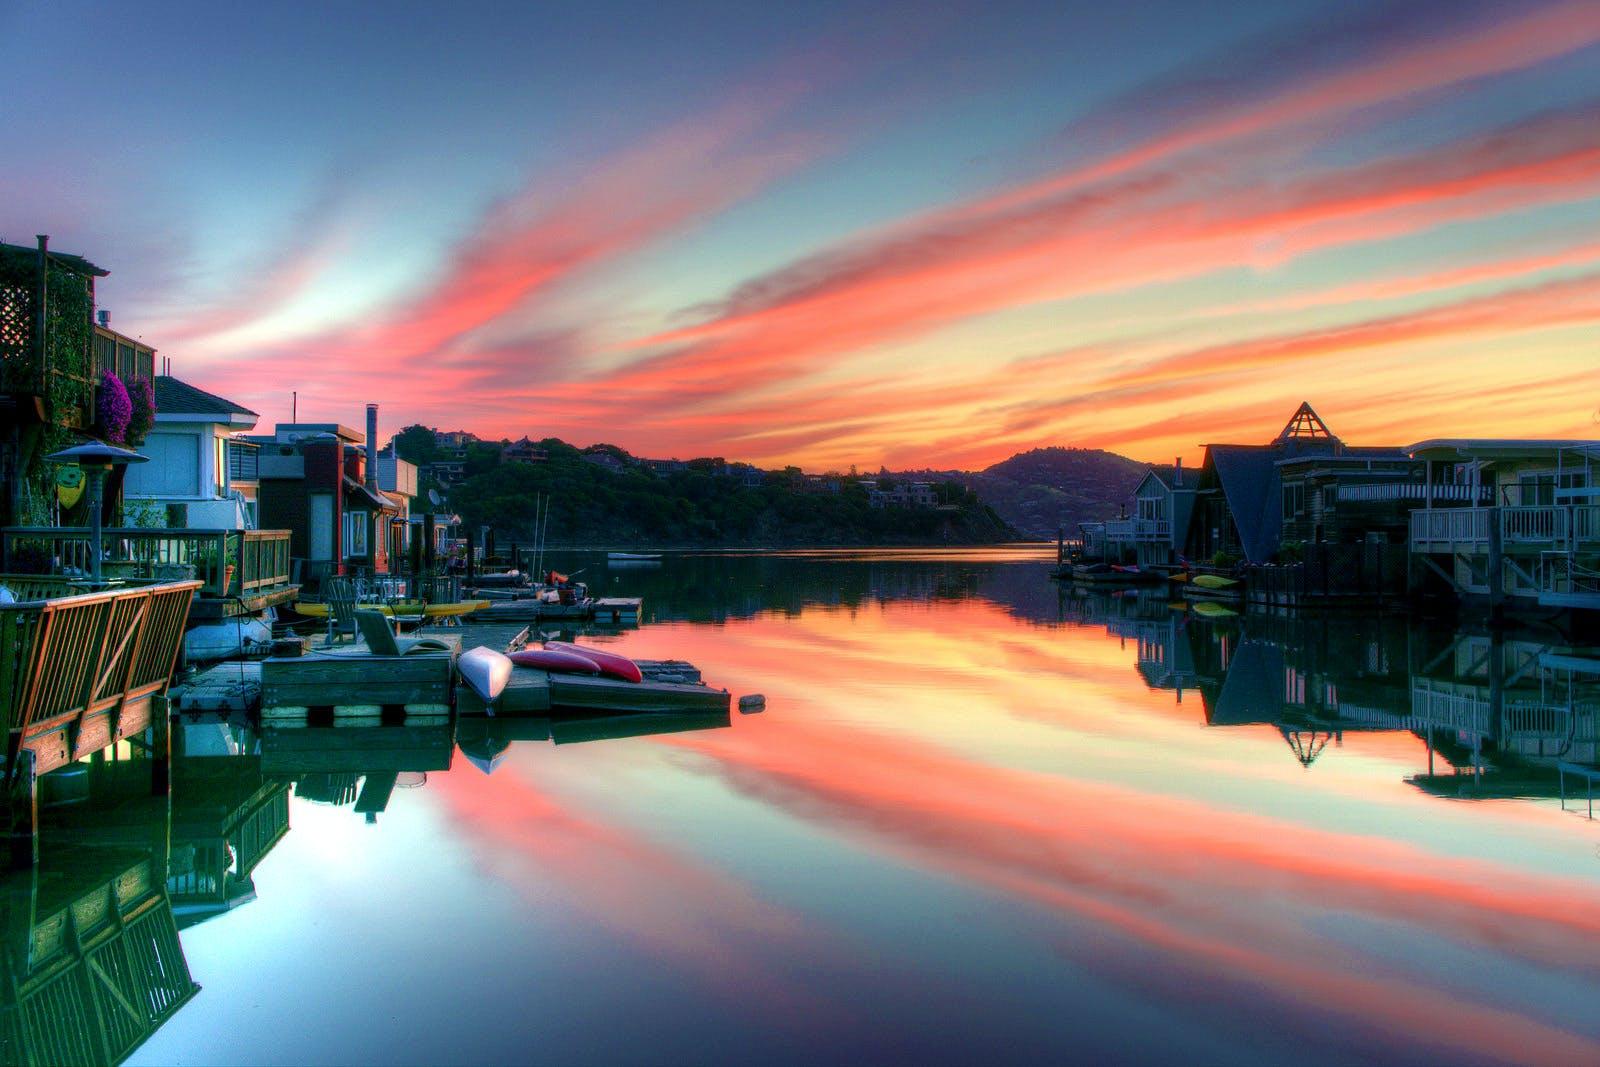 シティ, ビーチ, ボート, 交通機関の無料の写真素材